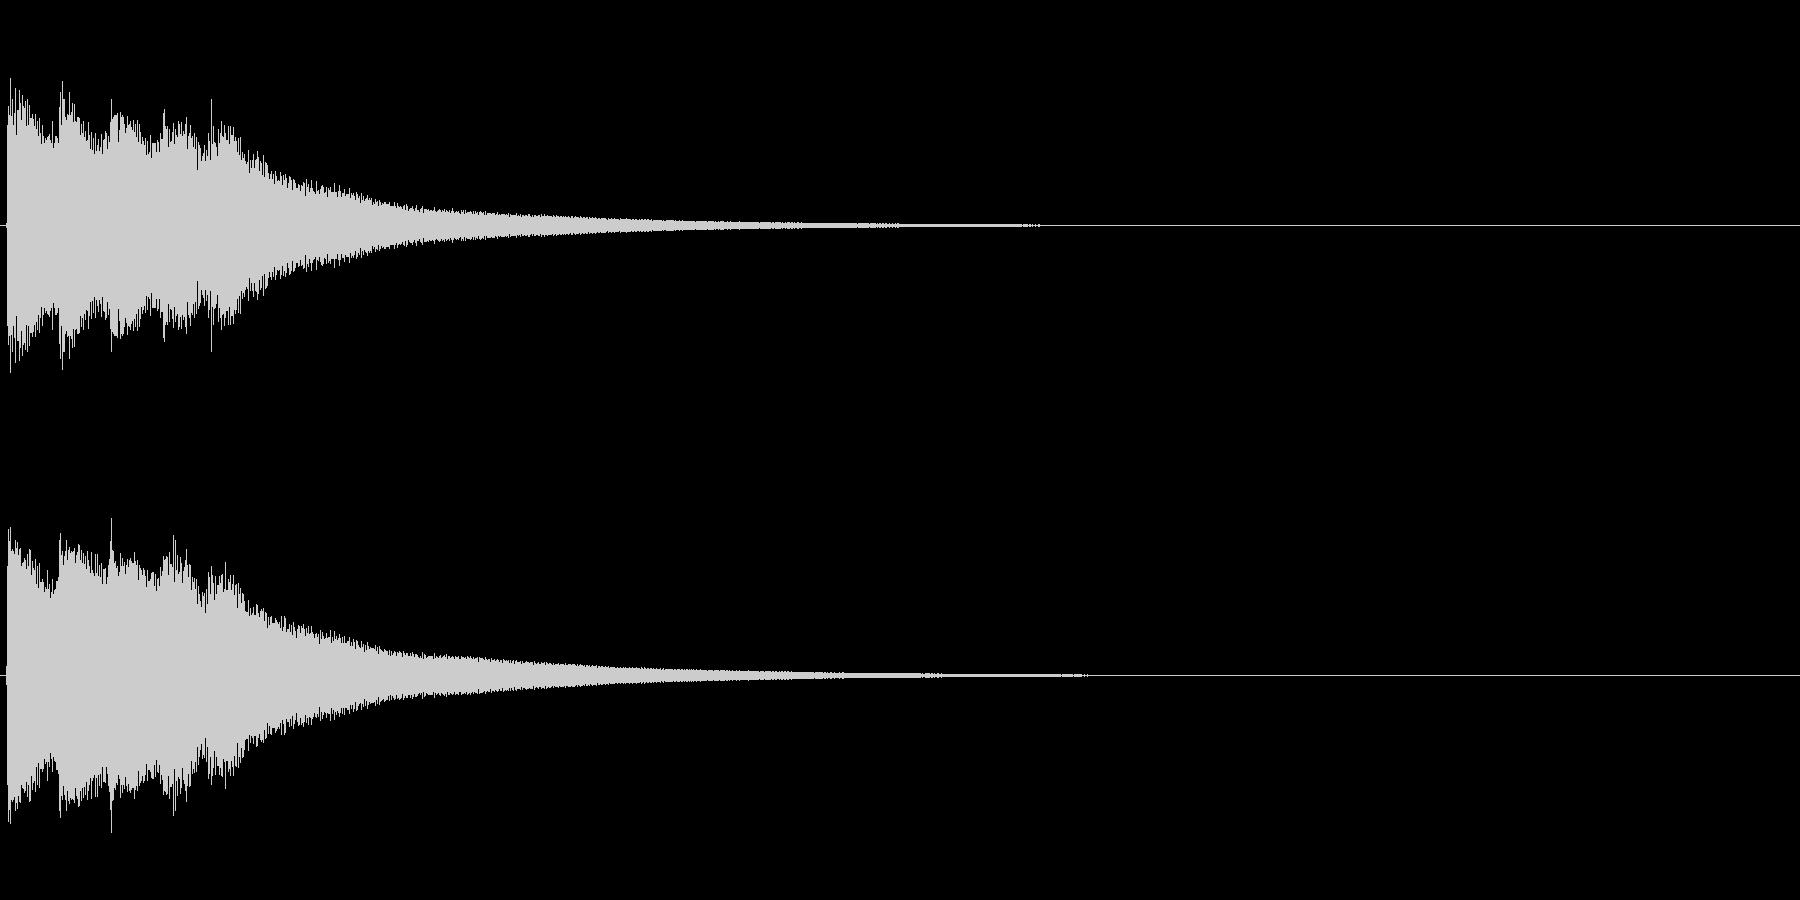 クイズ系01 タイムアップ カンカンカンの未再生の波形